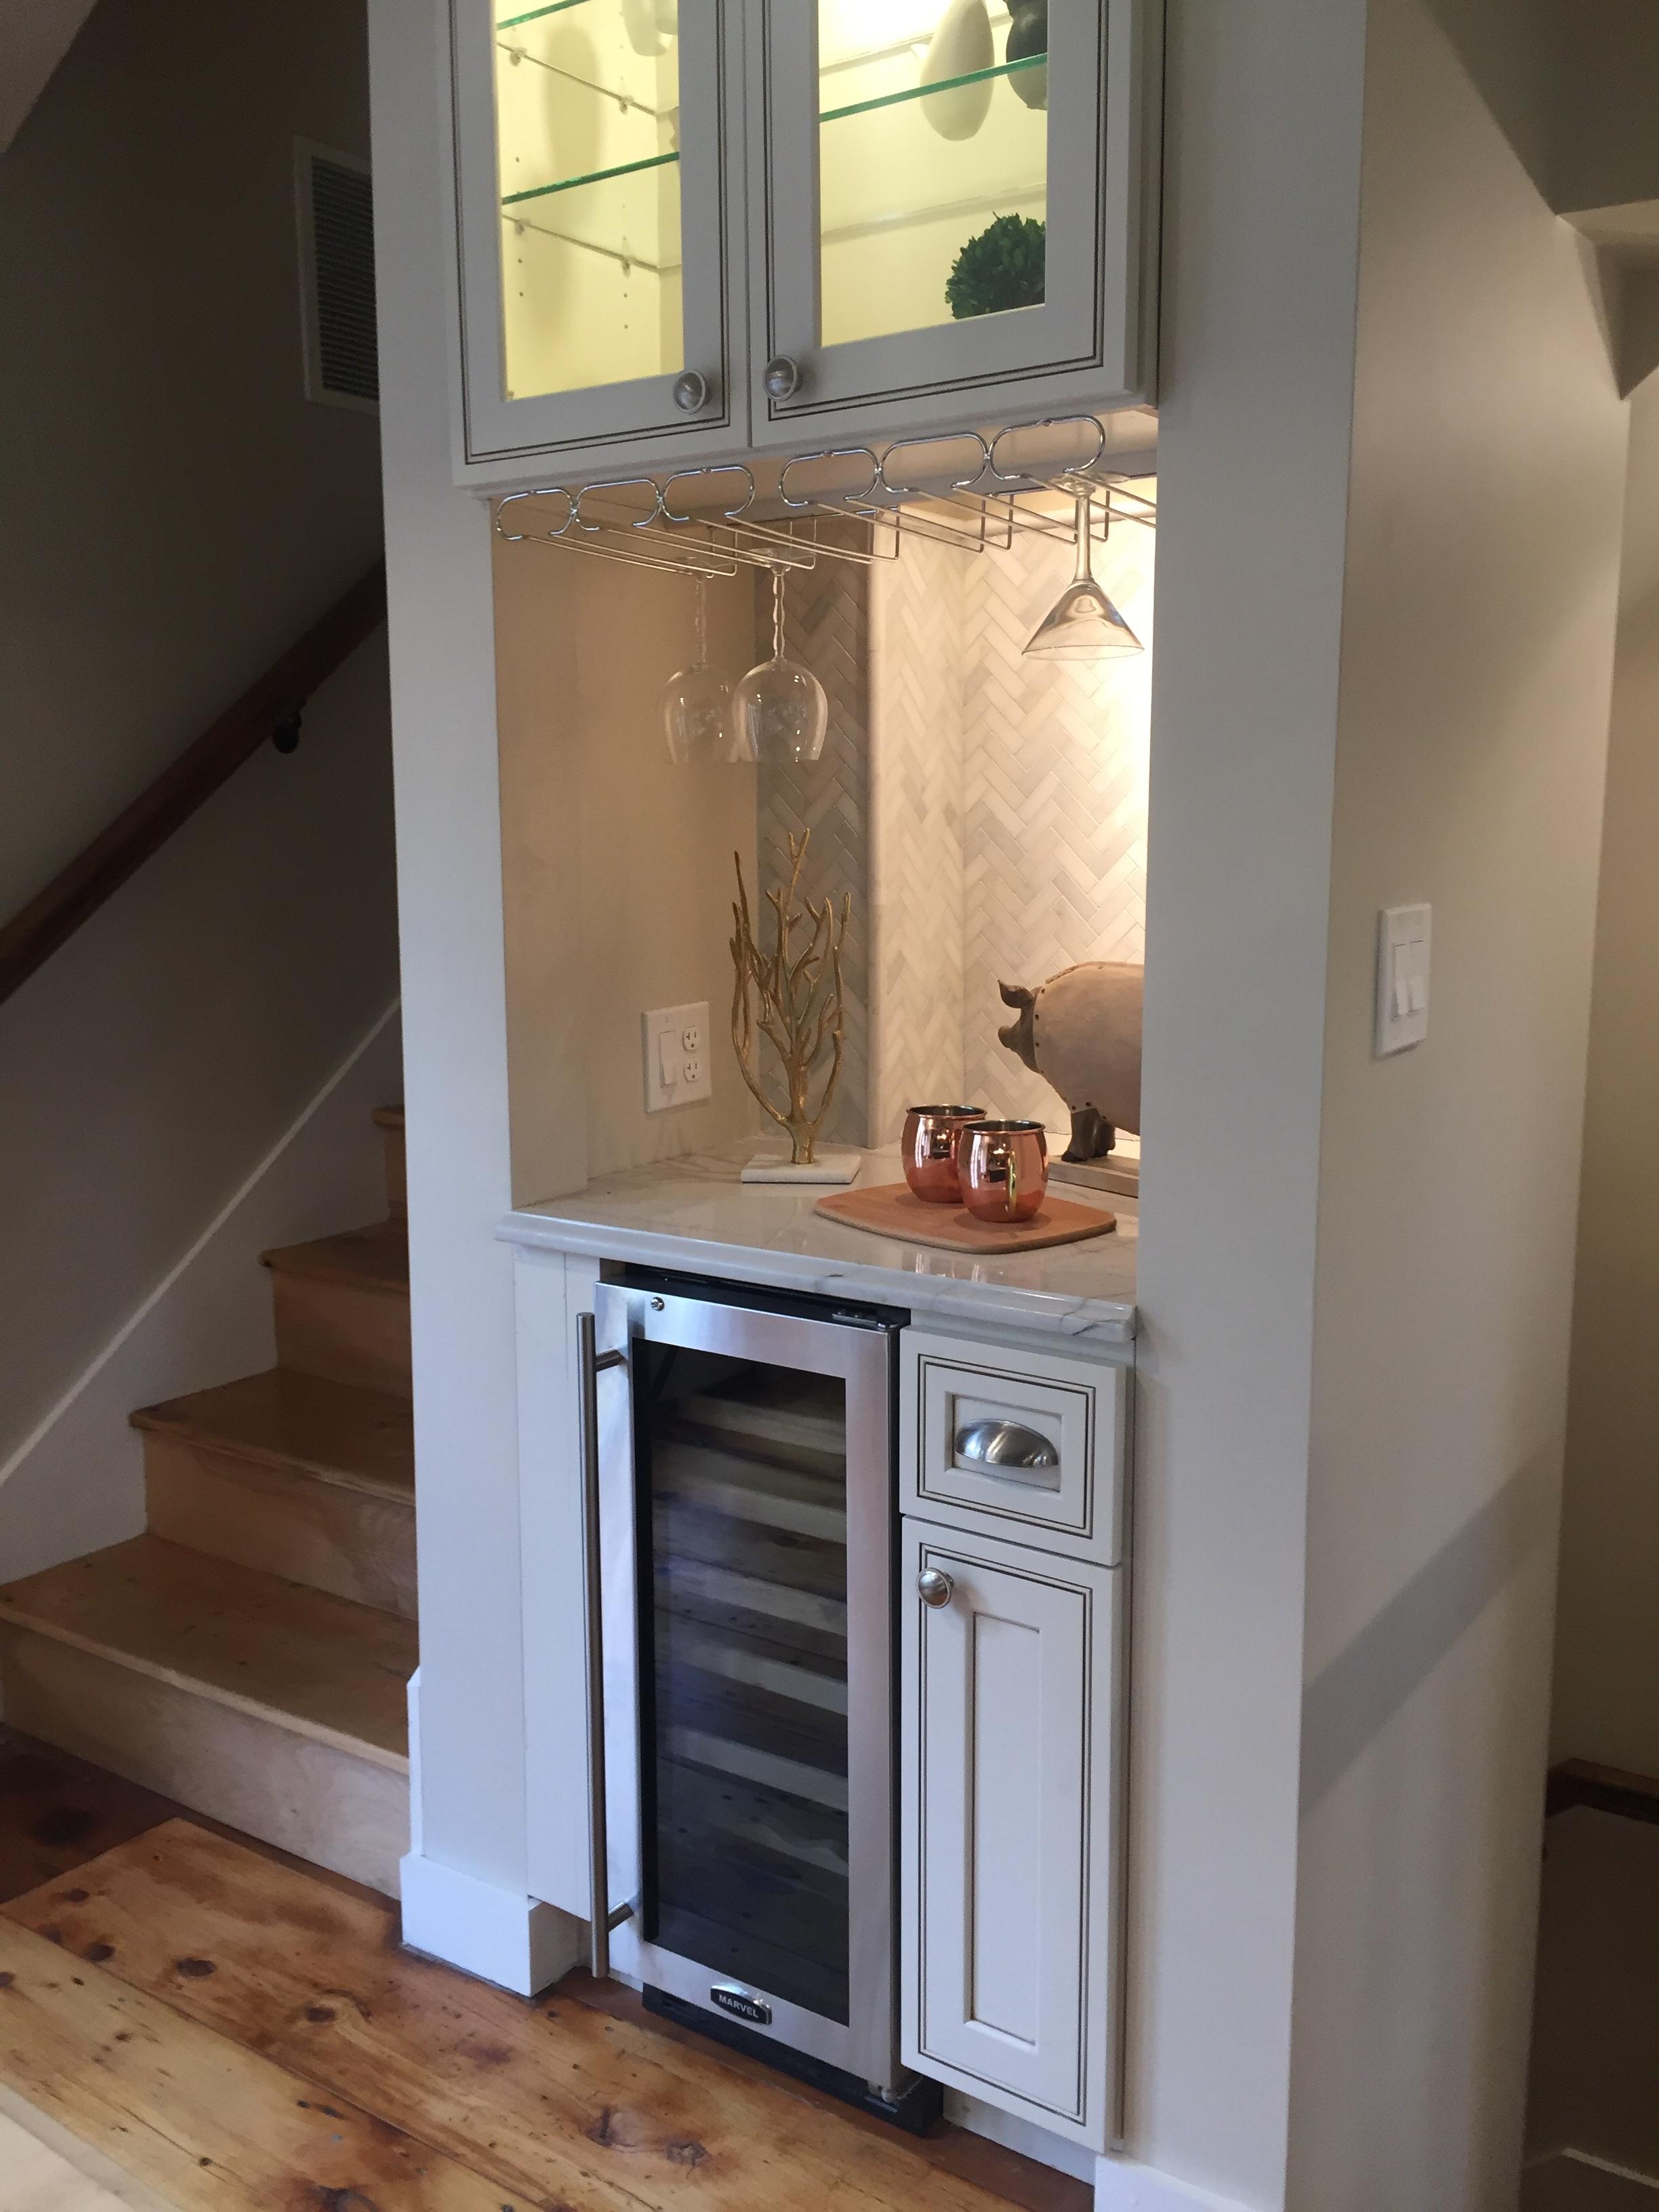 New England Entertaining wine fridge